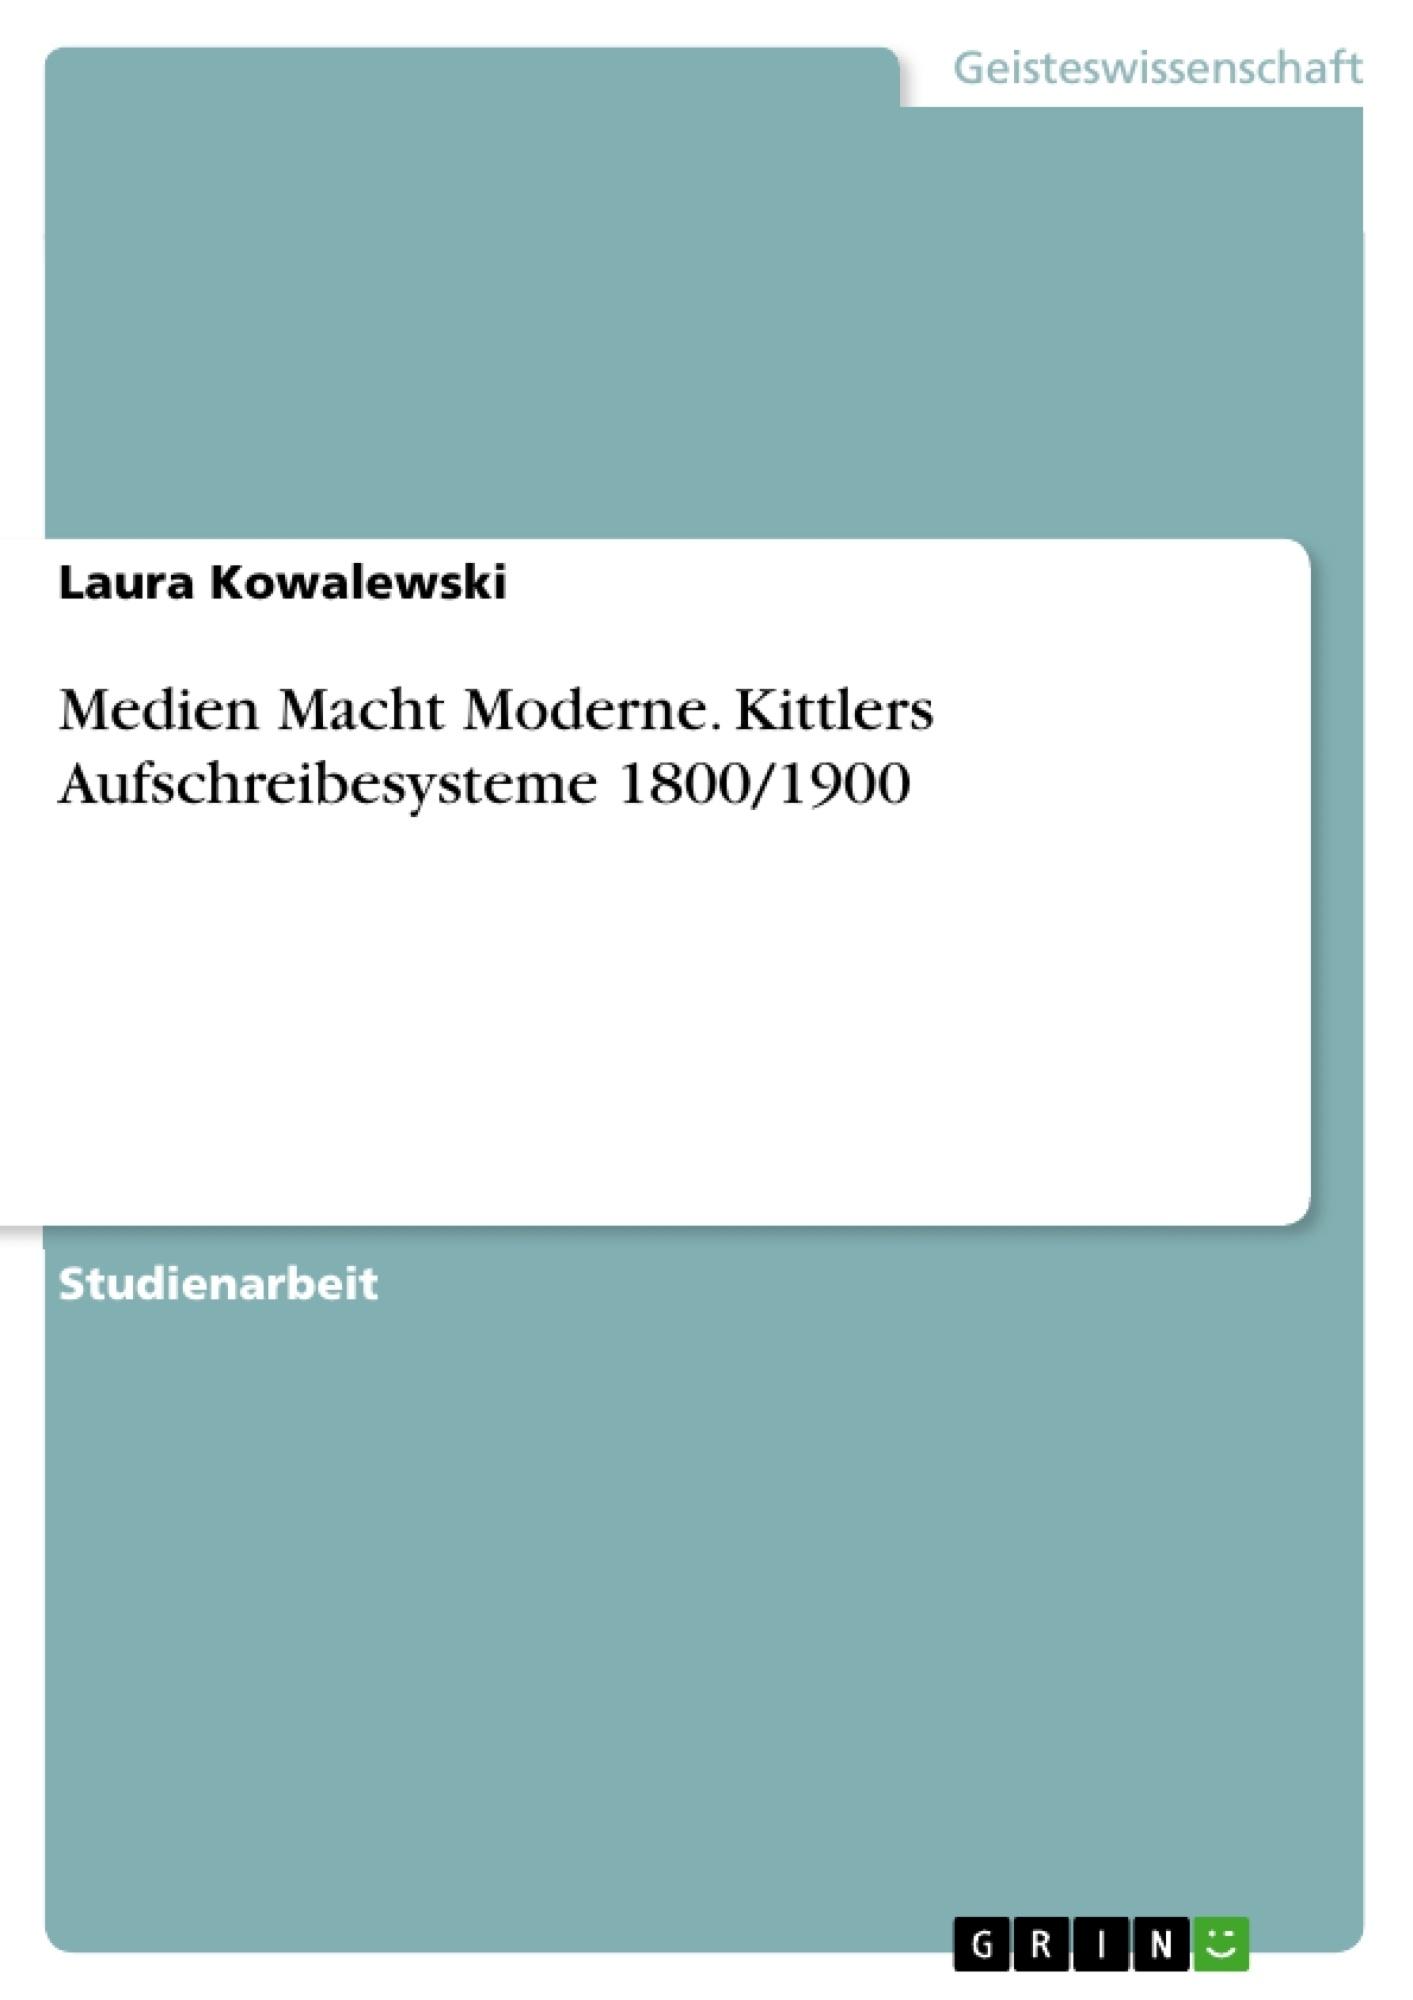 Titel: Medien Macht Moderne. Kittlers Aufschreibesysteme 1800/1900